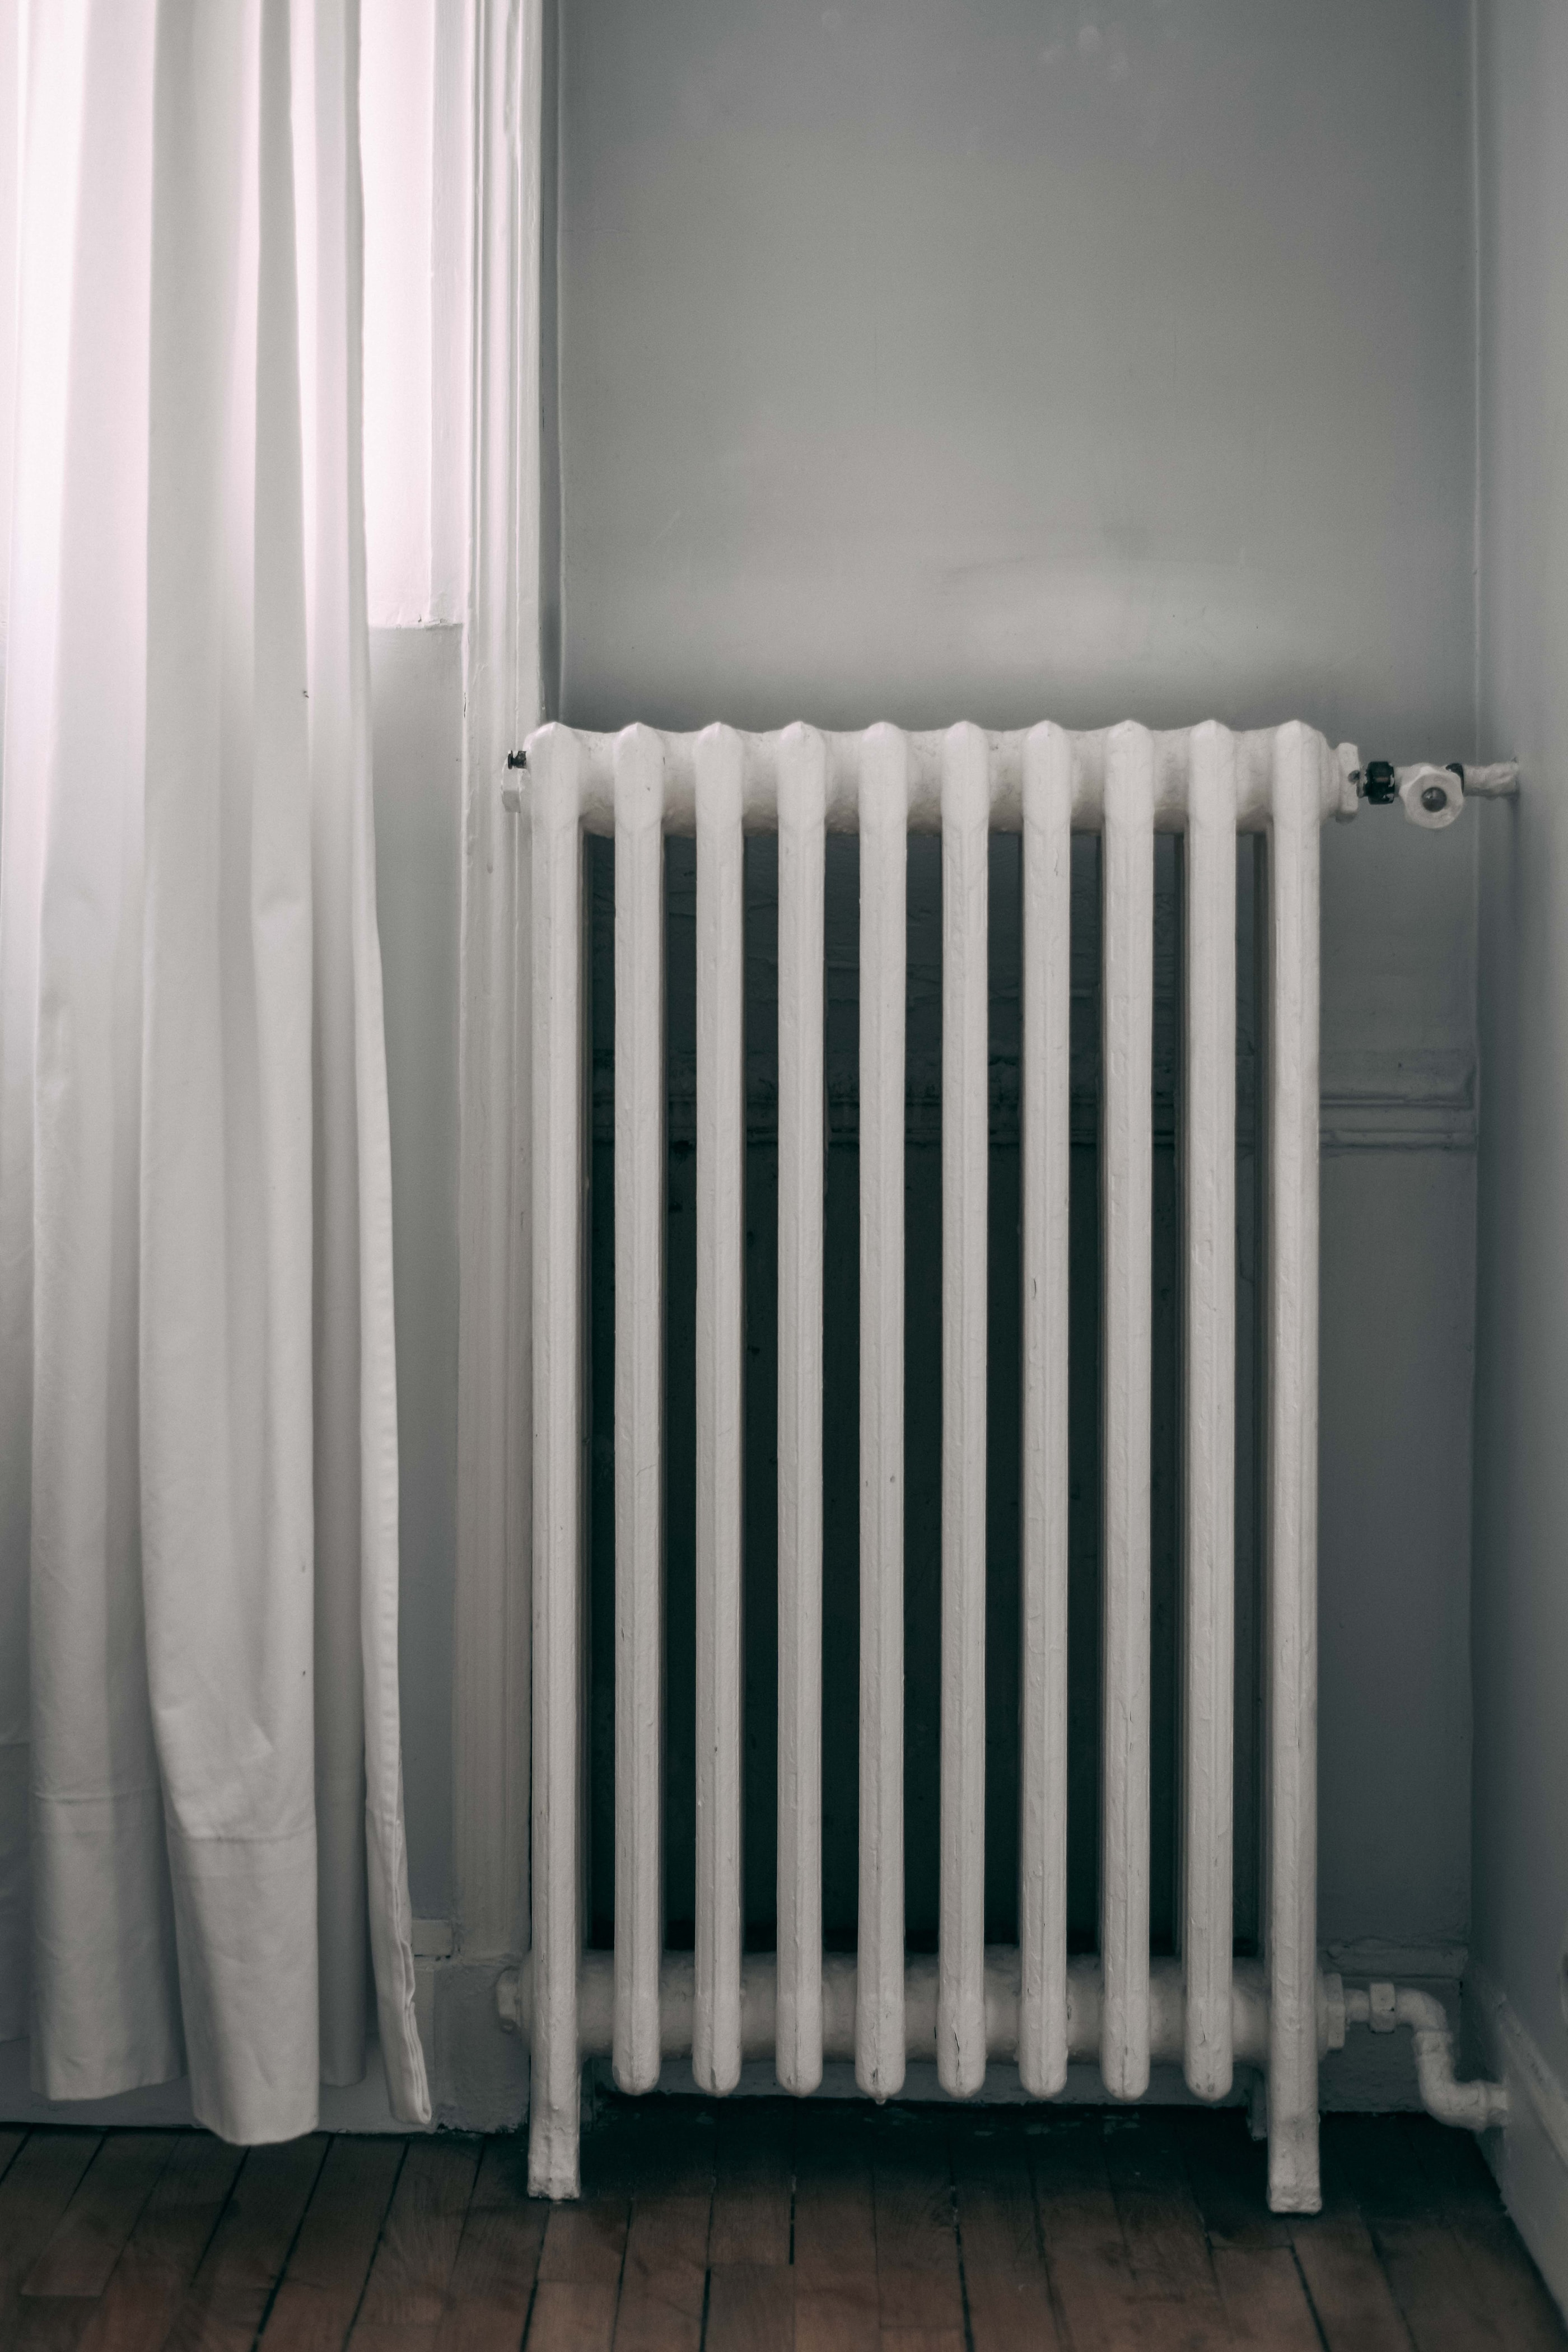 Ahorrar en calefacción, pon a punto los radiadores